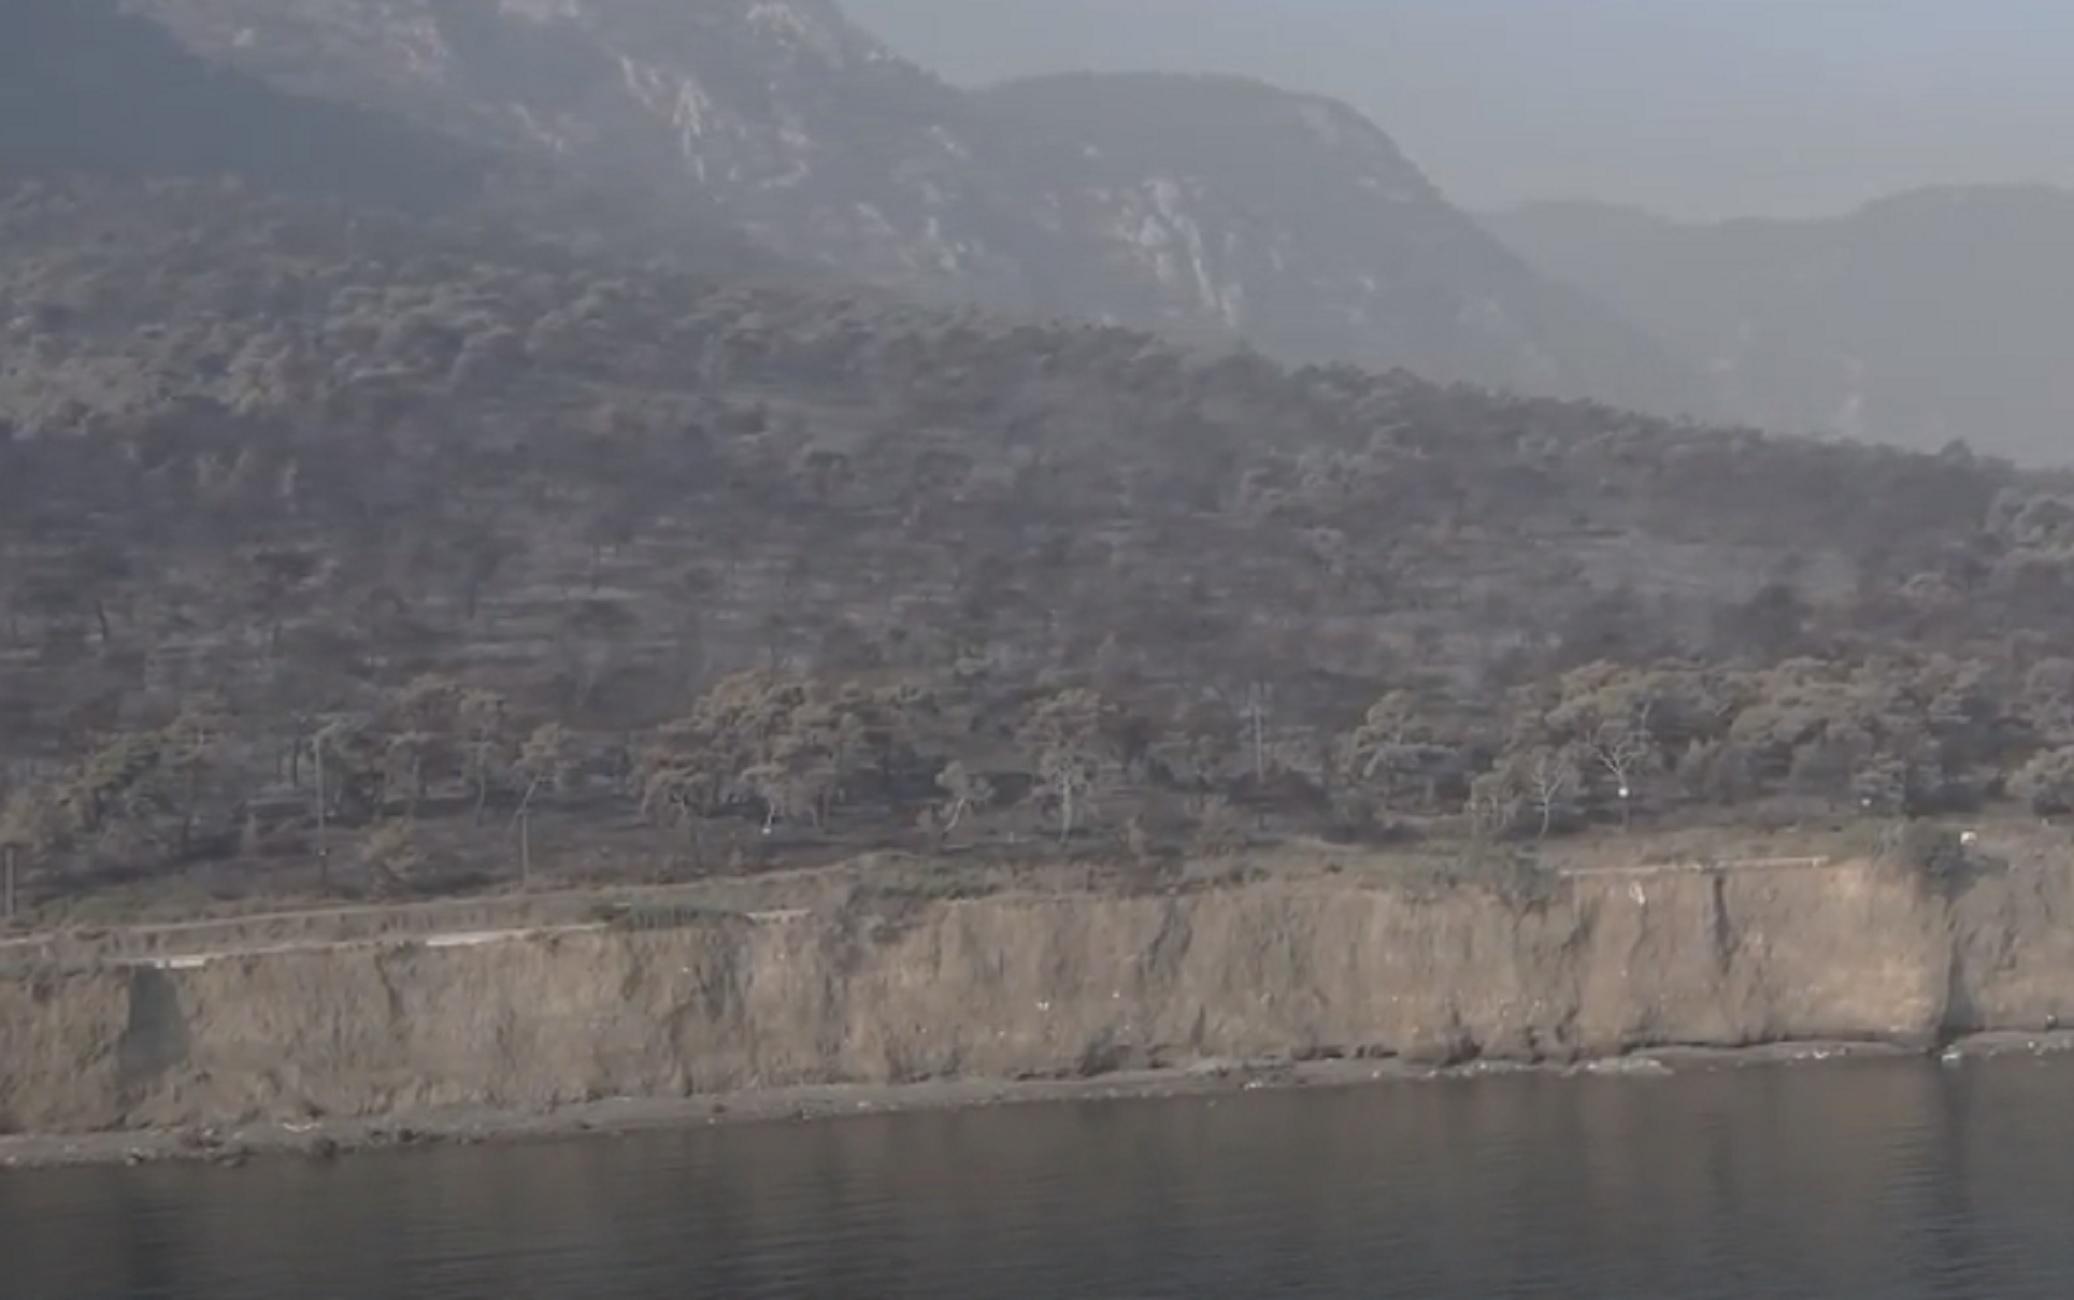 Φωτιά στον Σχίνο: Βίντεο από drone μετα την περιβαλλοντική καταστροφή – Σταμάτησε στη θάλασσα (video)